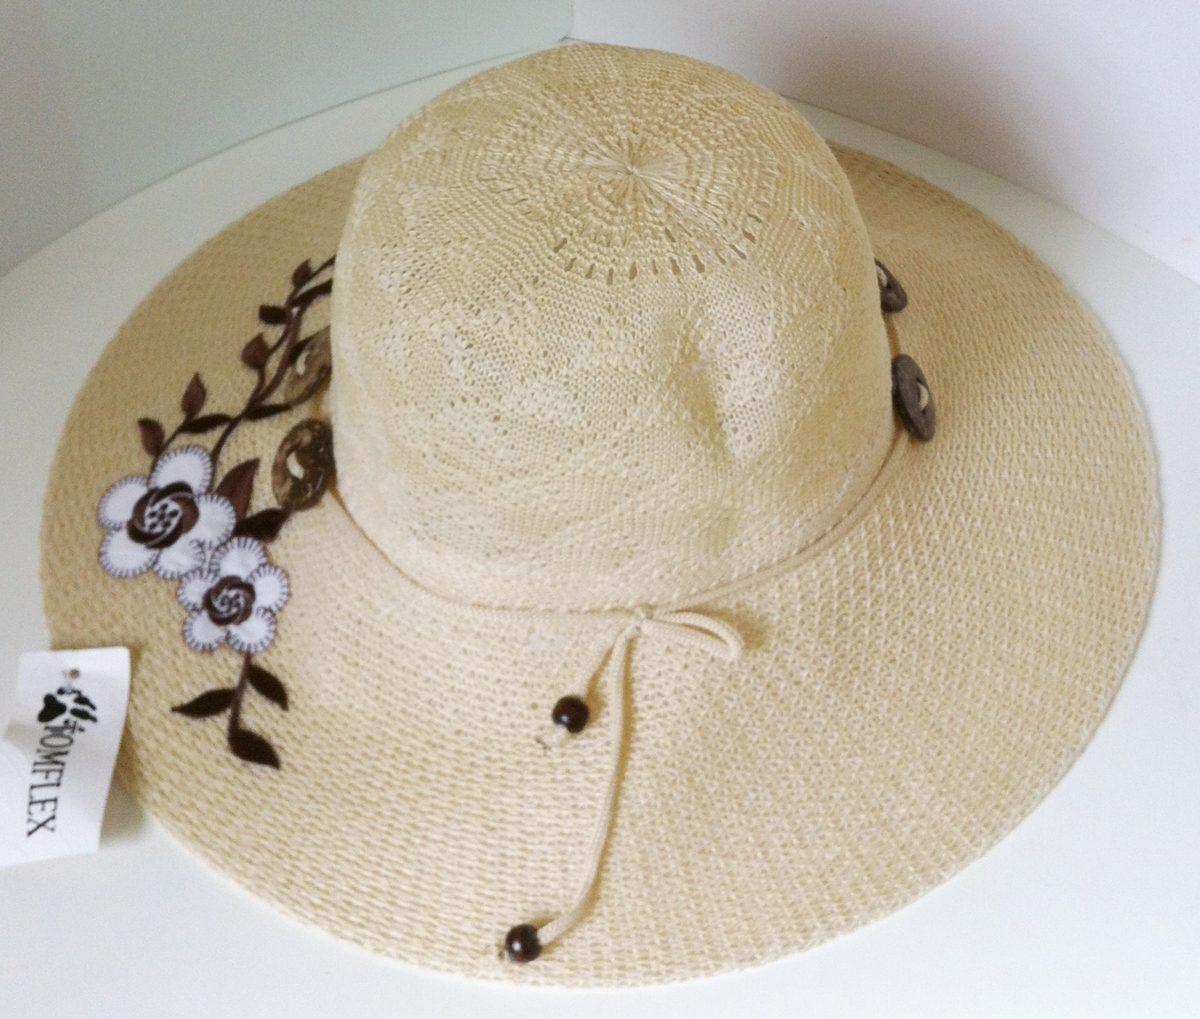 86237158d791c maravilhoso chapéu de praia verão poliester bege flores. Carregando zoom.